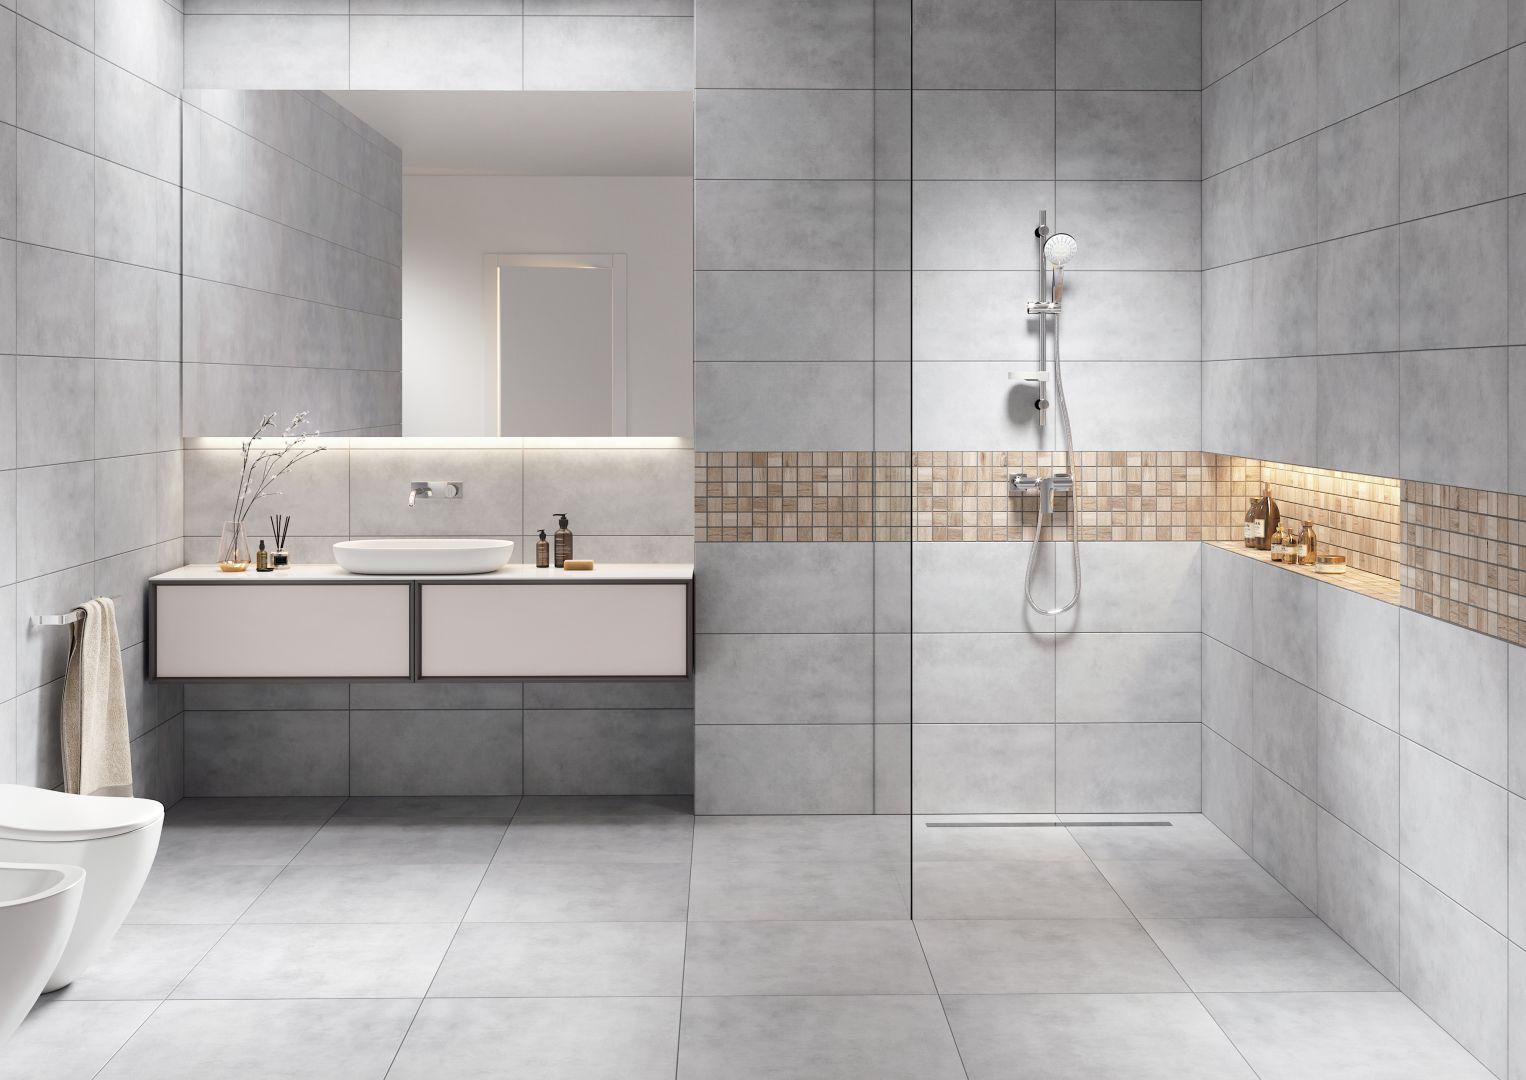 Nowoczesna łazienka total look - wybieramy kolor. Kolekcja mattina mozaika sabbia. Fot. Cerrad